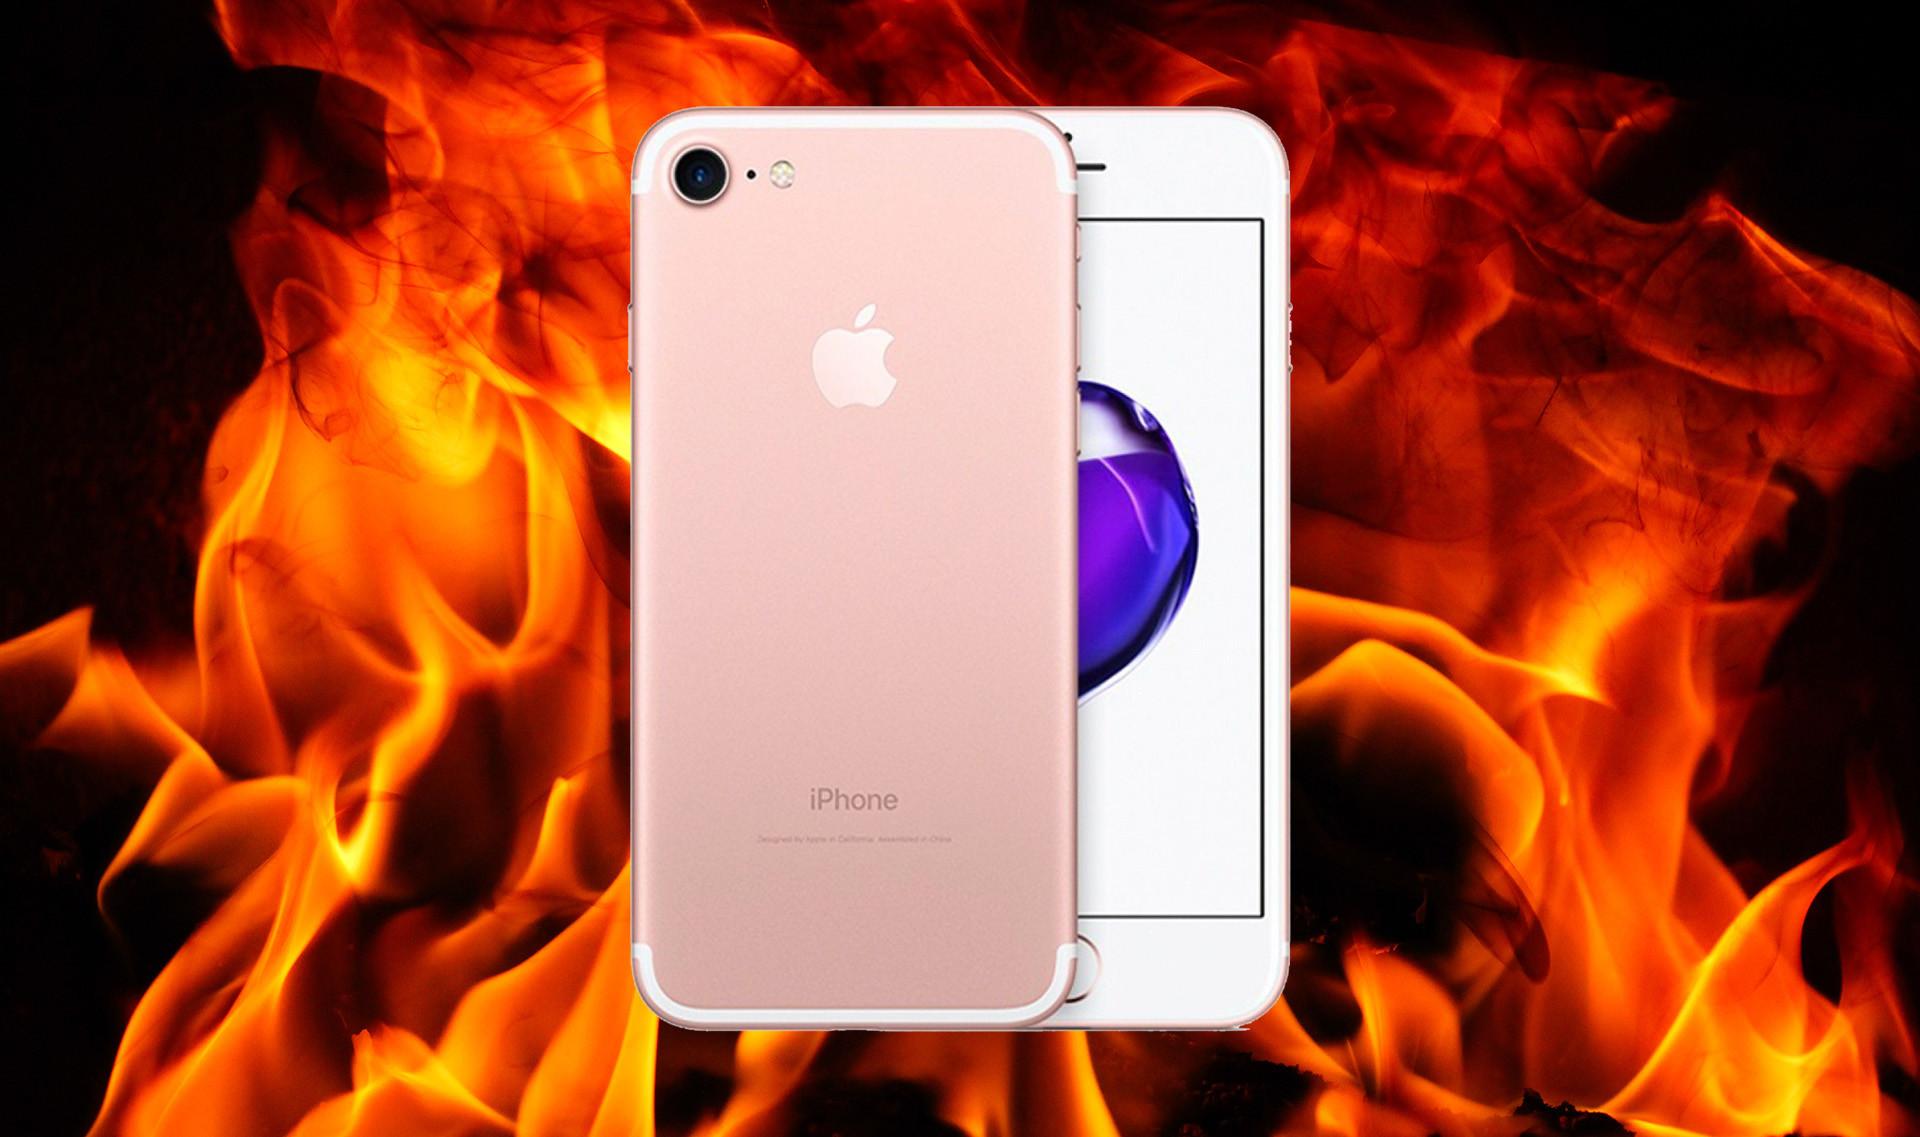 Свыше 275 тысяч чехлов для iPhone отозваны из-за угрозы ожогов